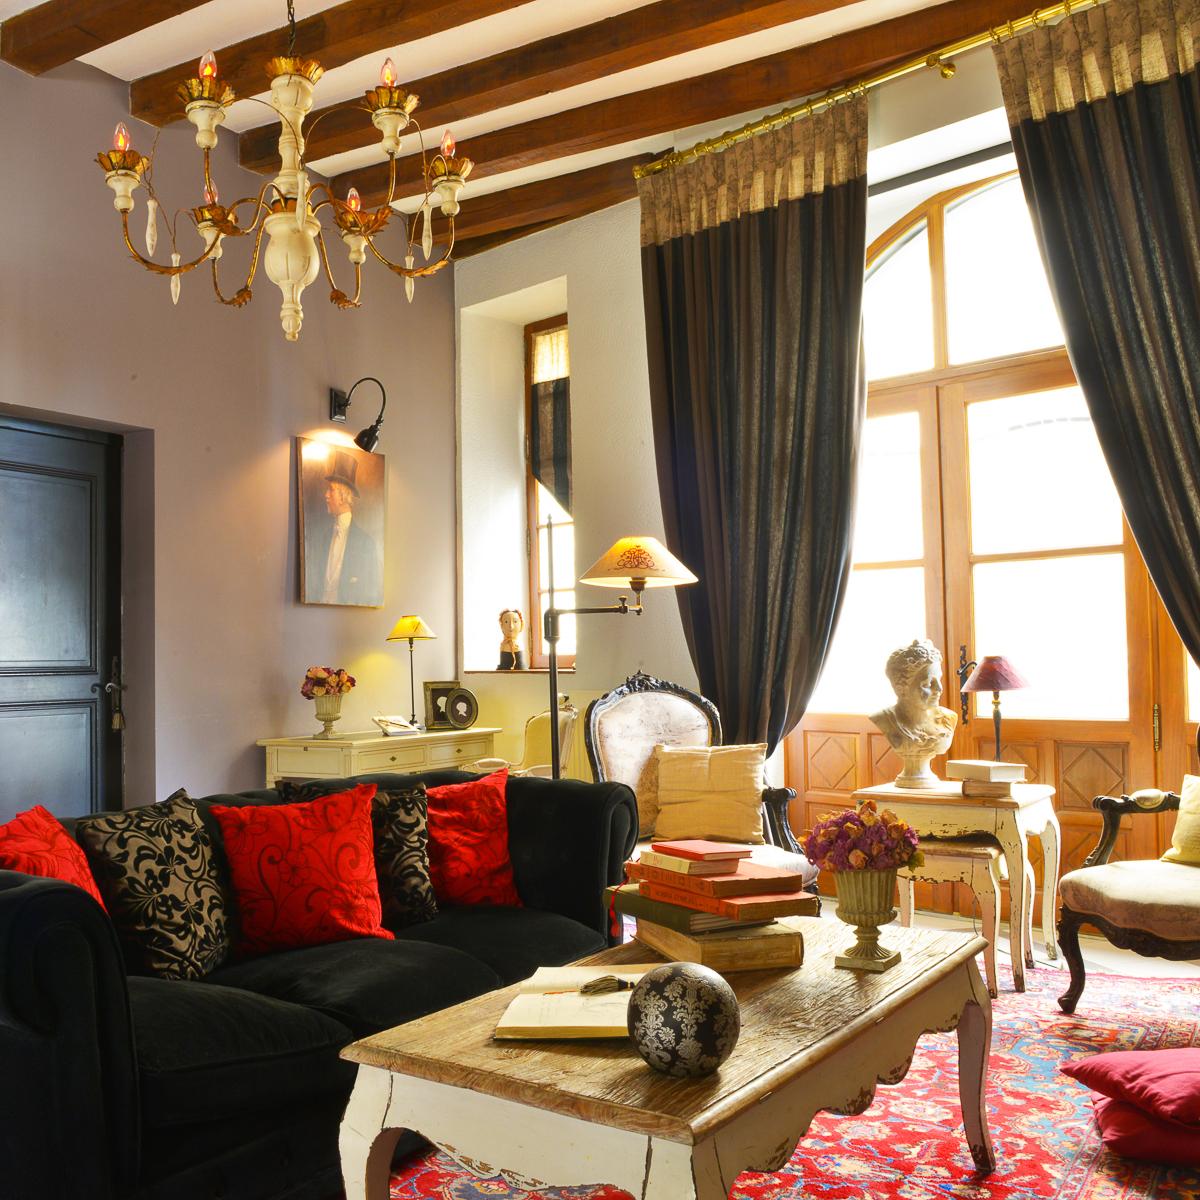 Hôtel Saint Pierre - Séjour de luxe à Saumur - Symboles de France